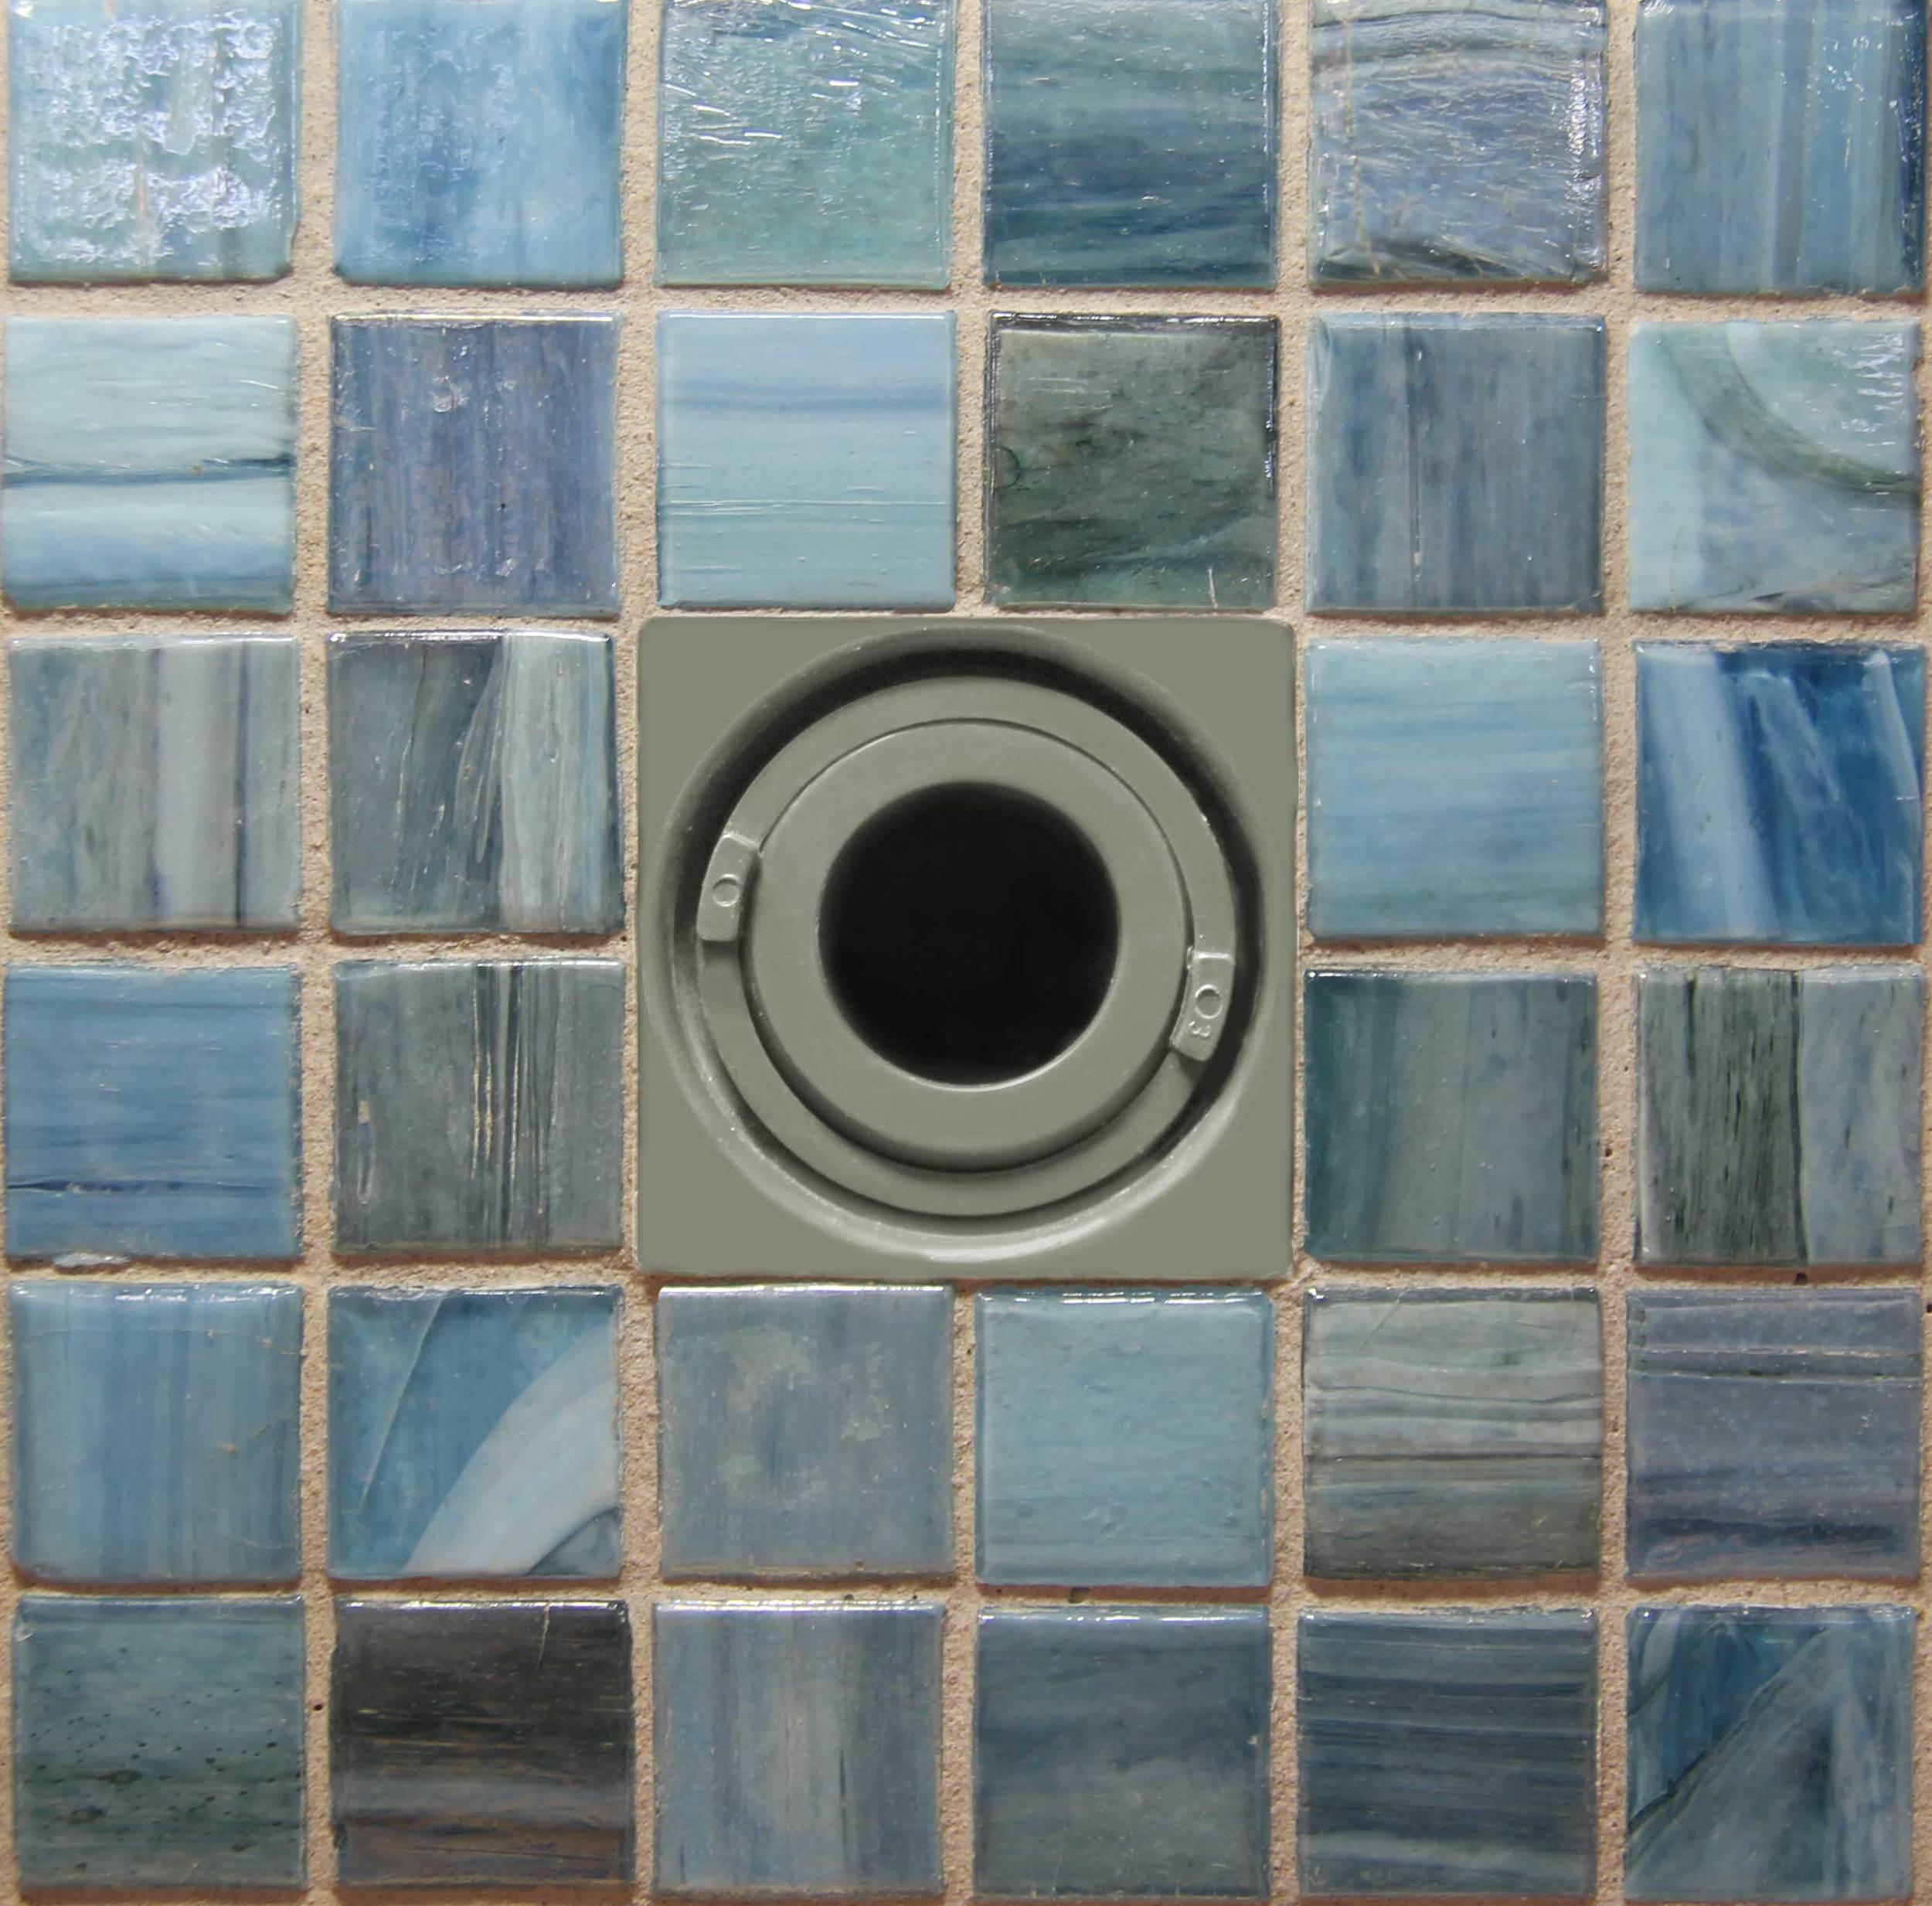 Square Flush Mount Return Fitting Tiled